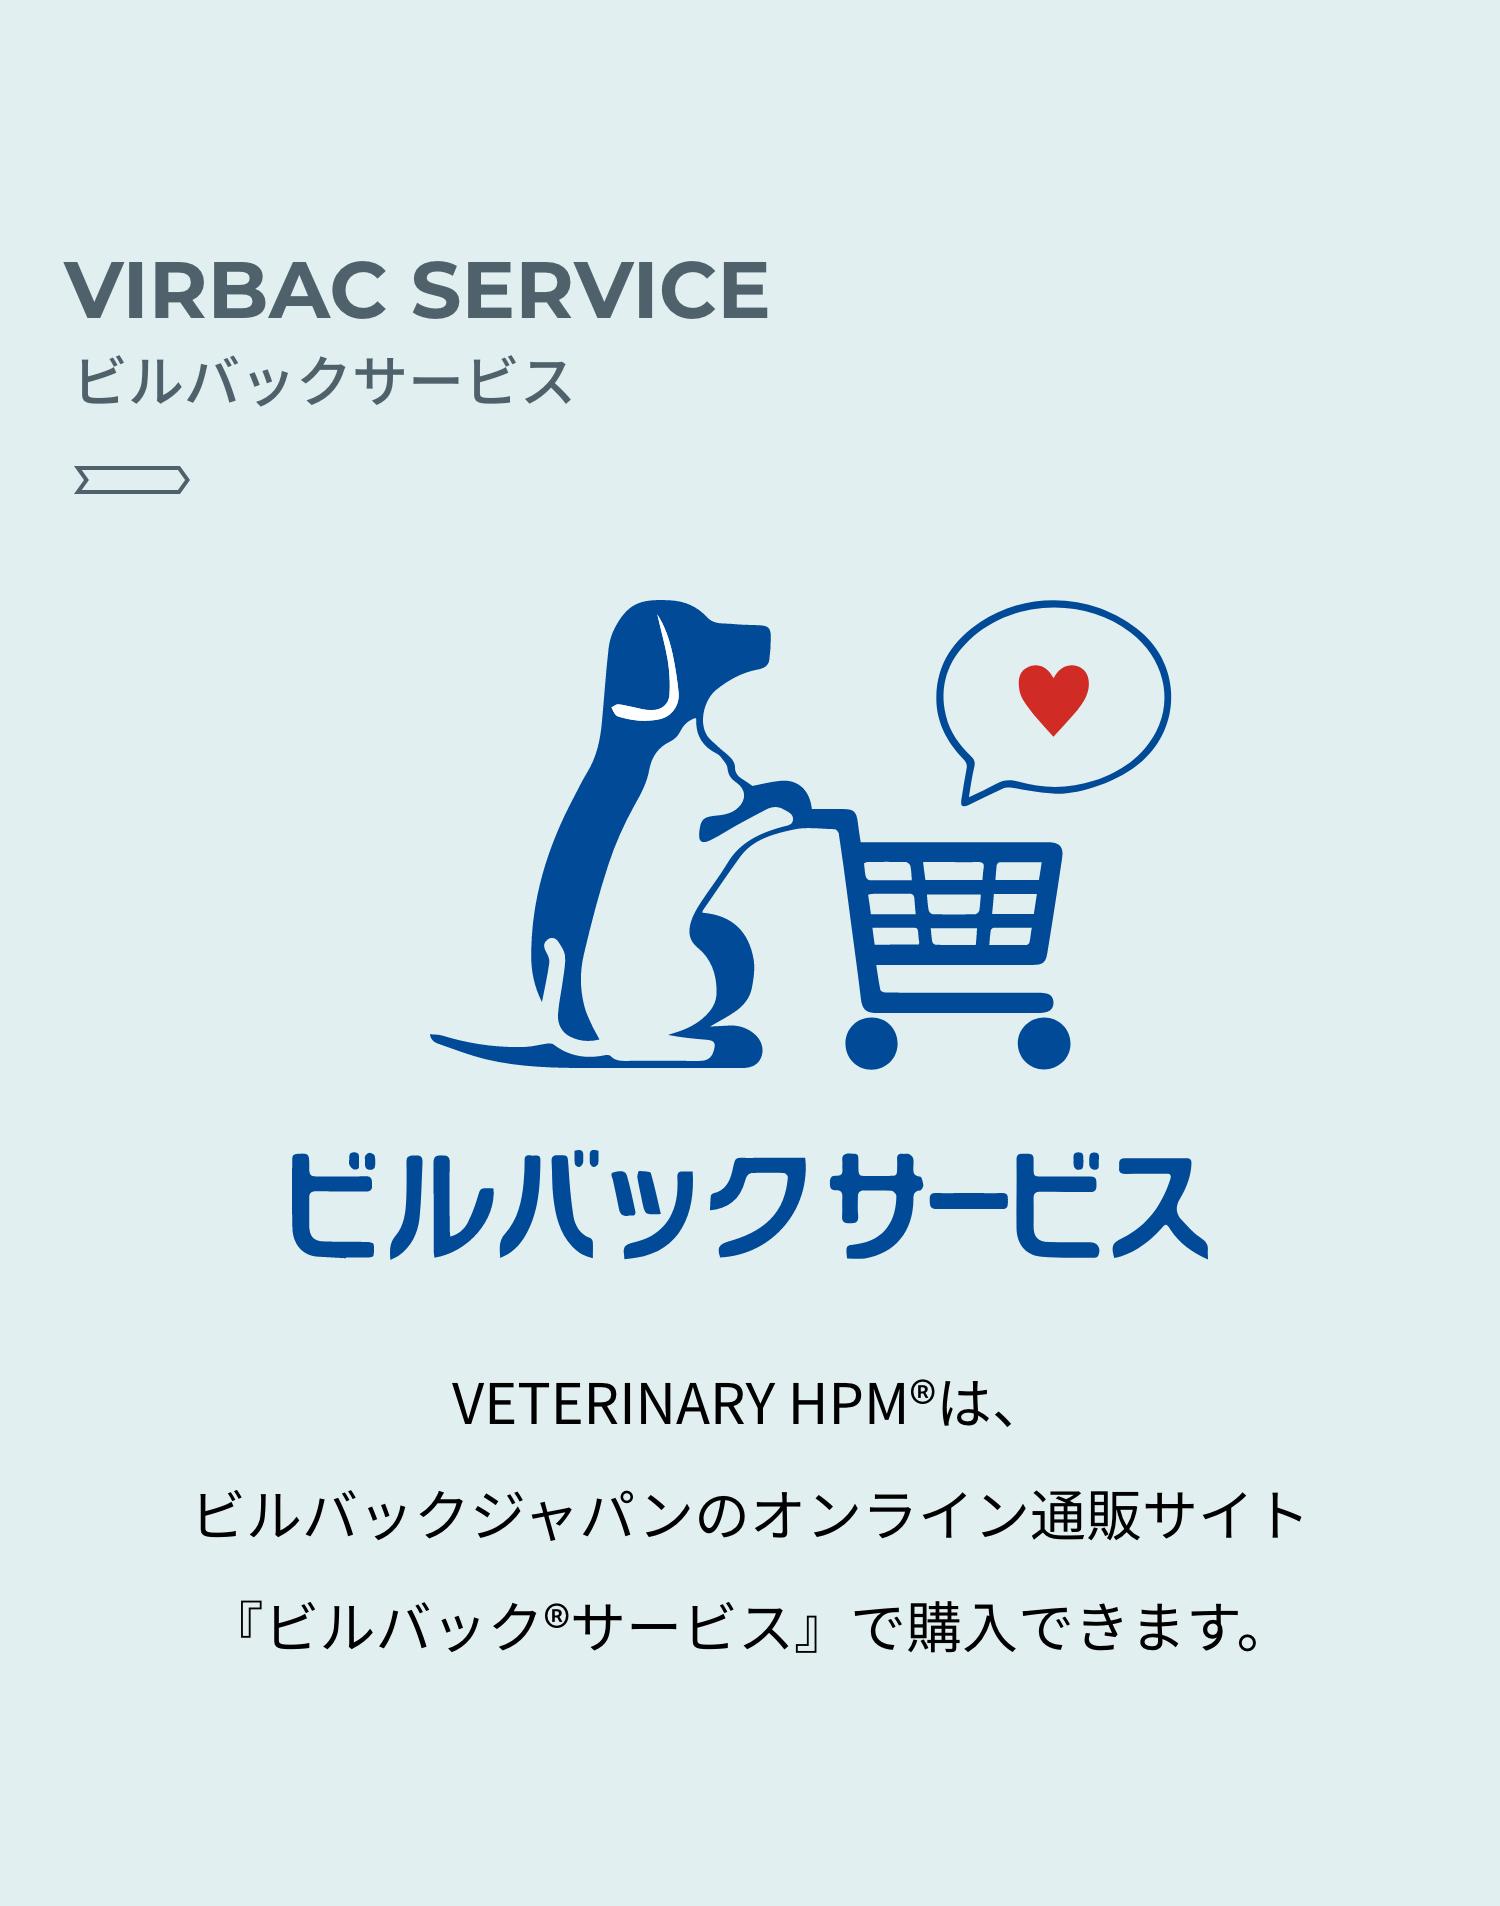 VIRBAC SERVICE ビルバックサービス VETERINARY HPM®︎は、ビルバックジャパンのオンライン通販サイト『ビルバック®サービス』で購入できます。